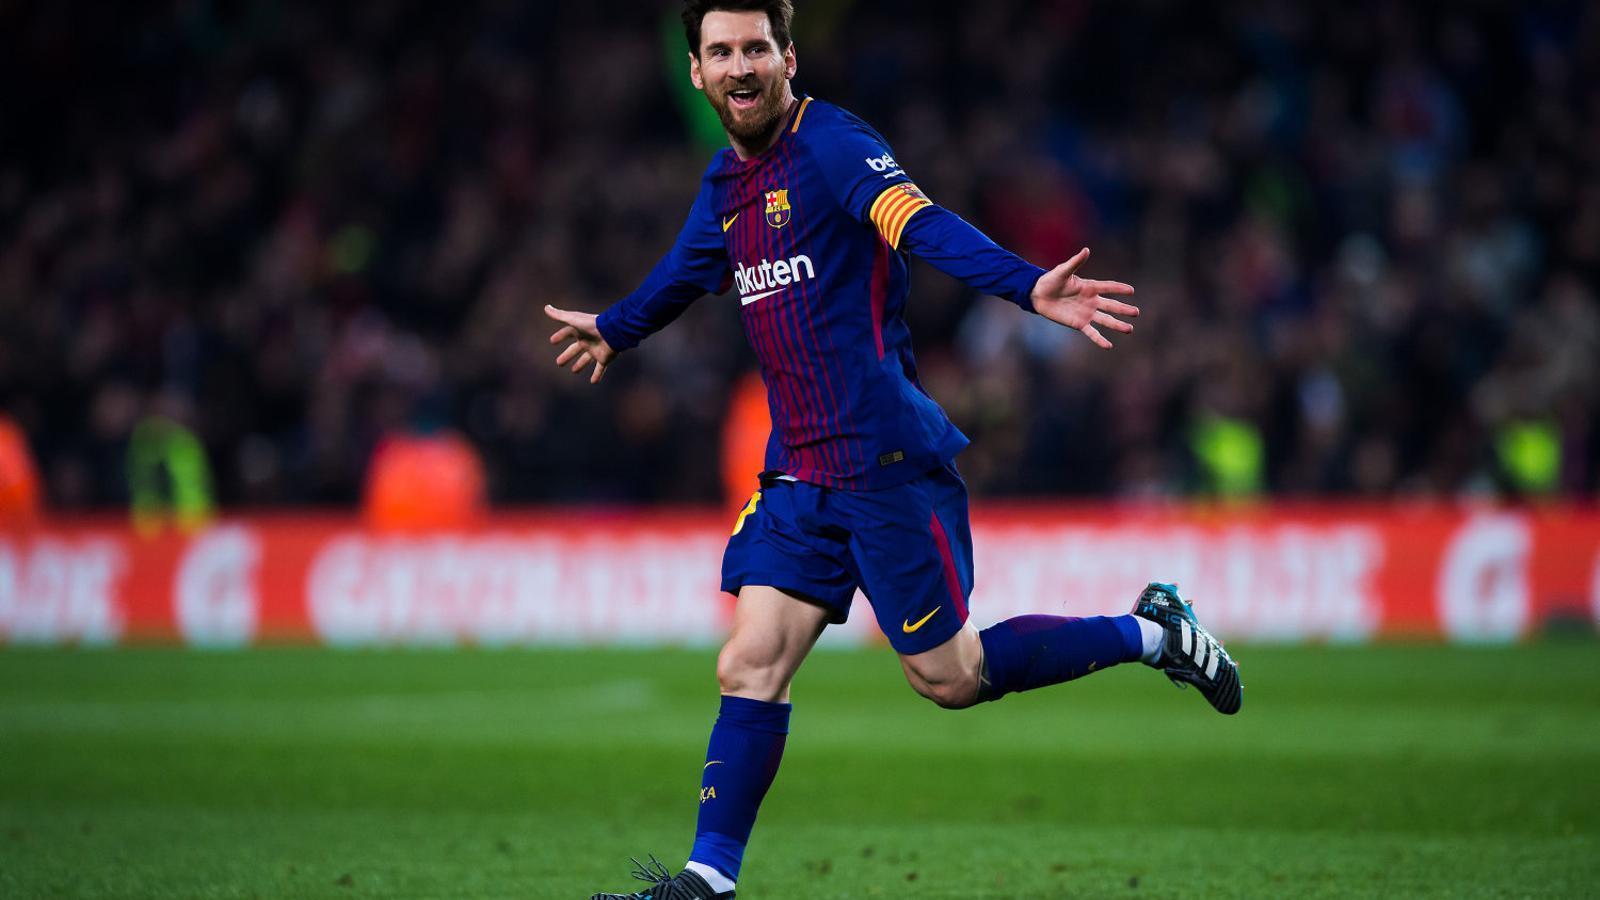 Messi celebrant el seu segon gol, marcat de falta amb un xut per sota la tanca defensiva dels jugadors gironins. Messi ja ha marcat contra els 19 rivals de la Primera Divisió.